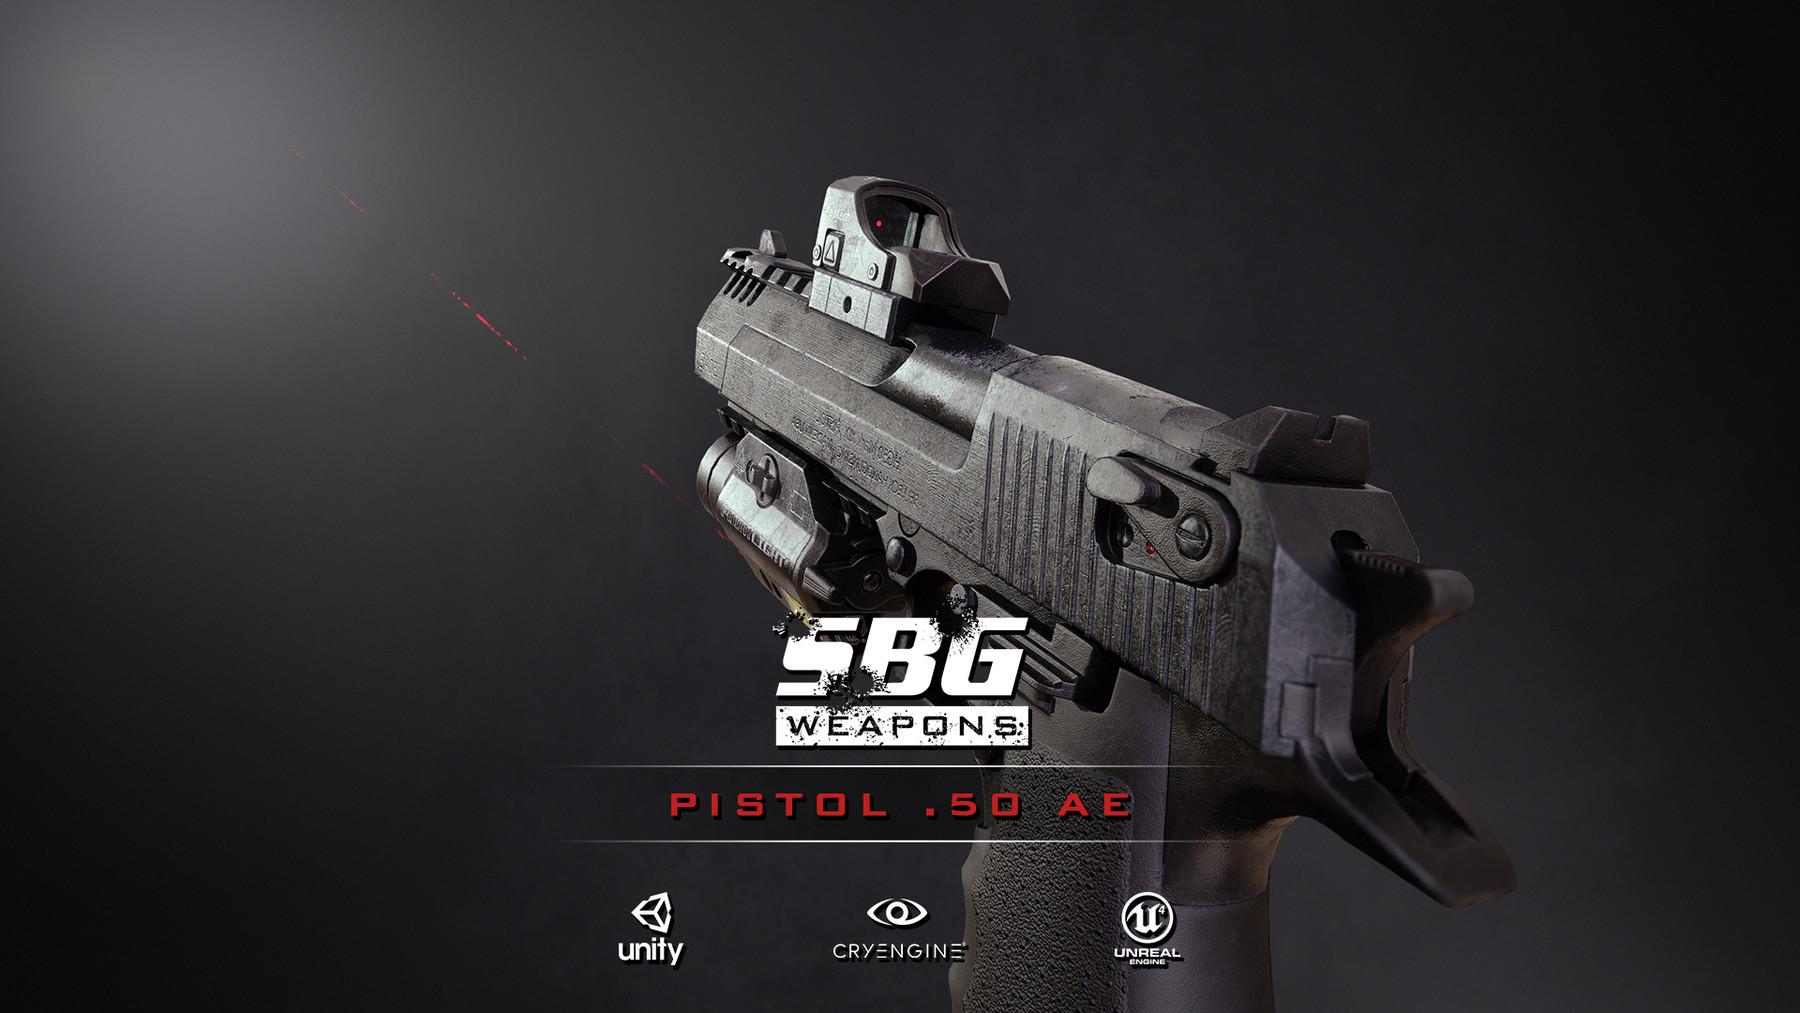 Pistol cover16 9